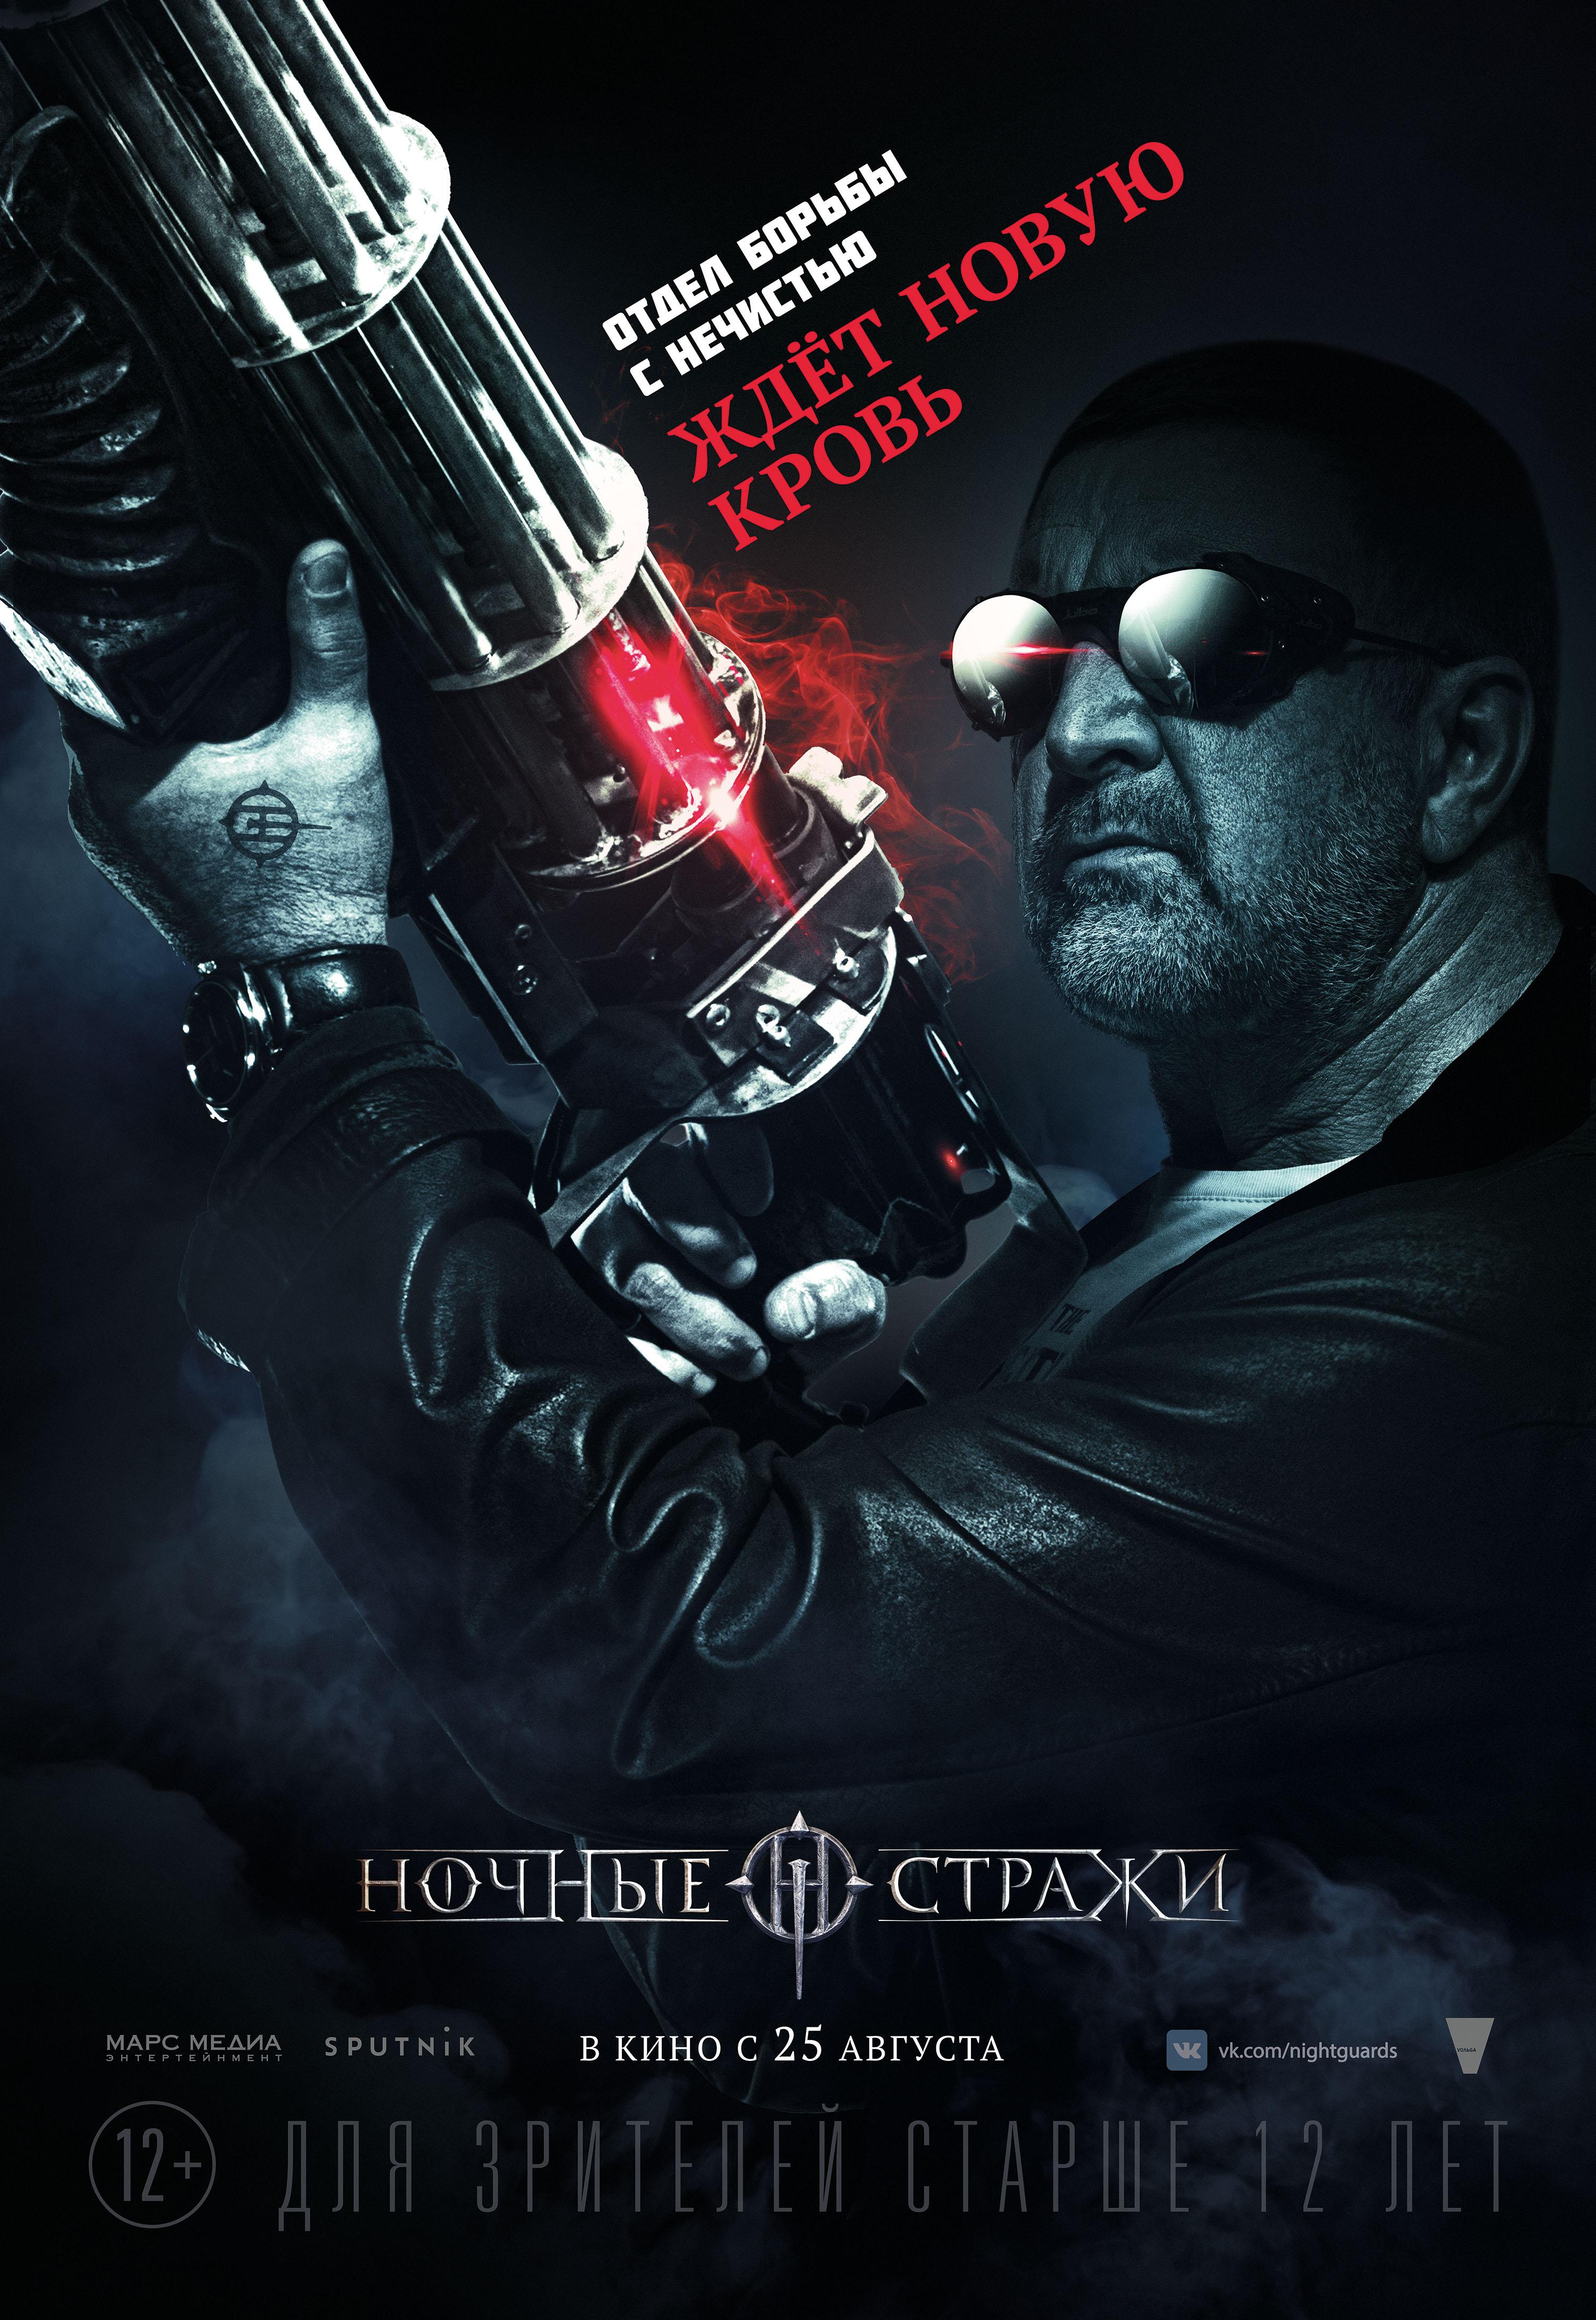 Смотреть онлайн фильм офицеры 9 серия